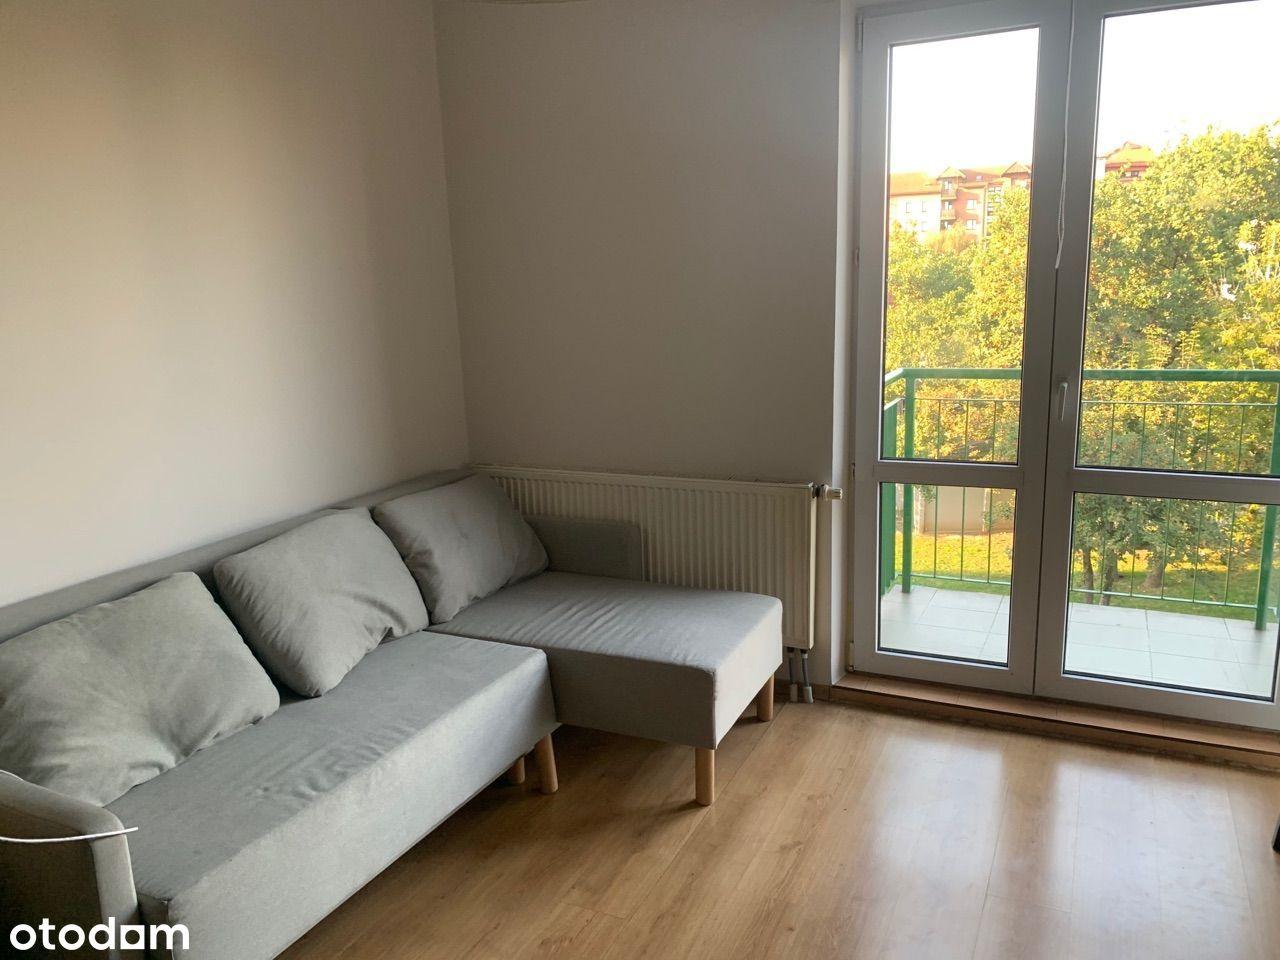 Kraków Mieszkanie 2-pokojowe Blisko Centrum